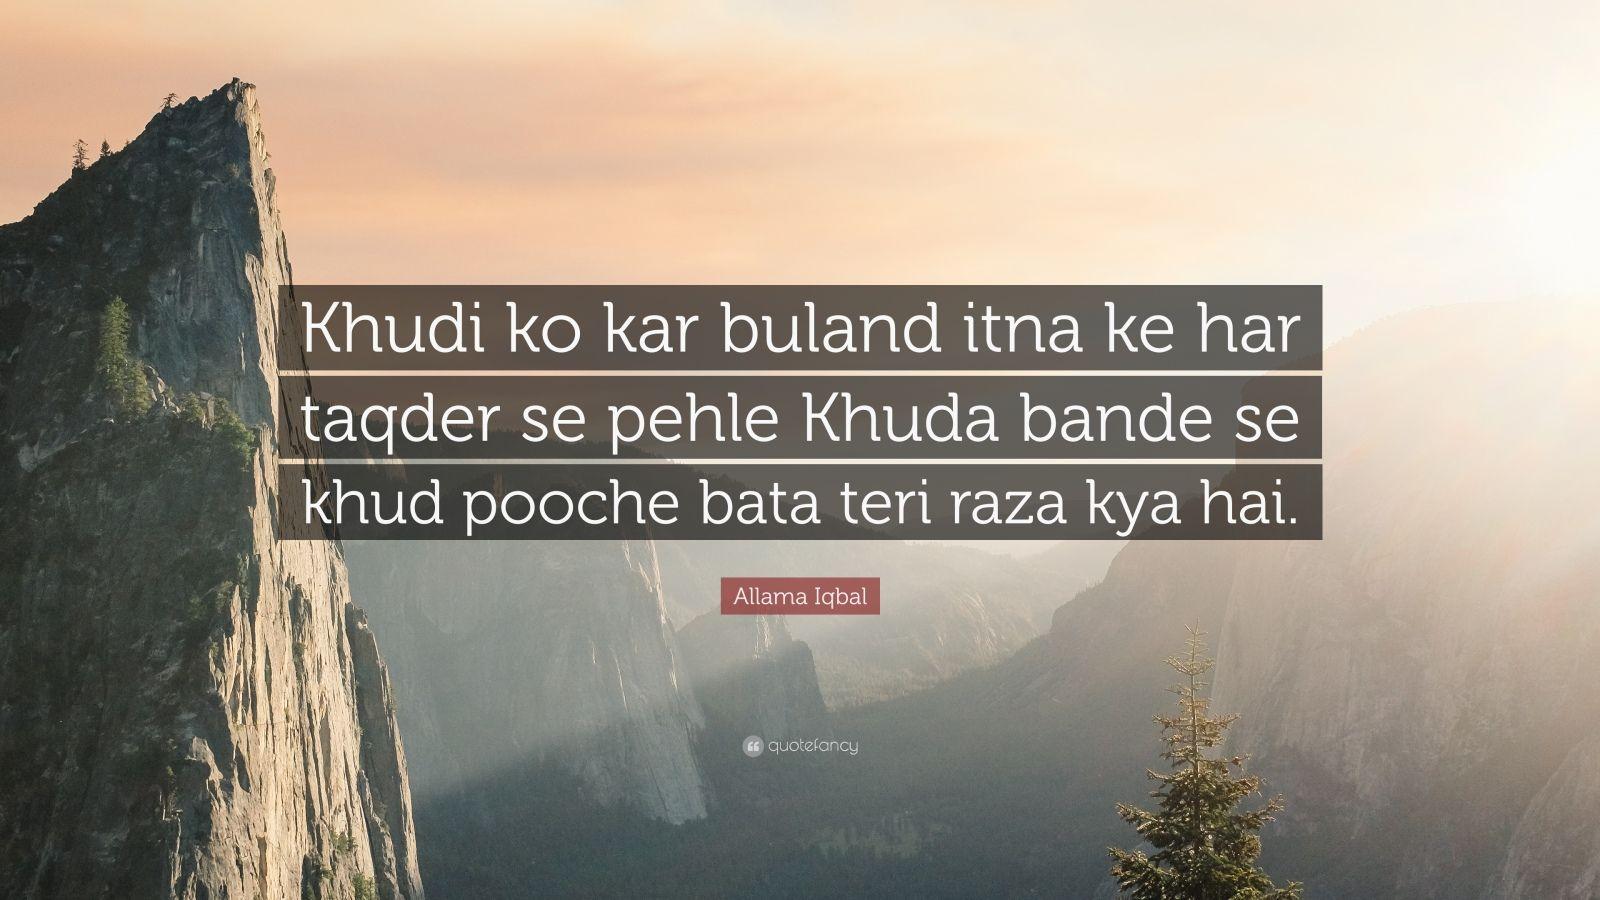 """Allama Iqbal Quote: """"Khudi ko kar buland itna ke har taqder se pehle Khuda bande se khud pooche bata teri raza kya hai."""""""